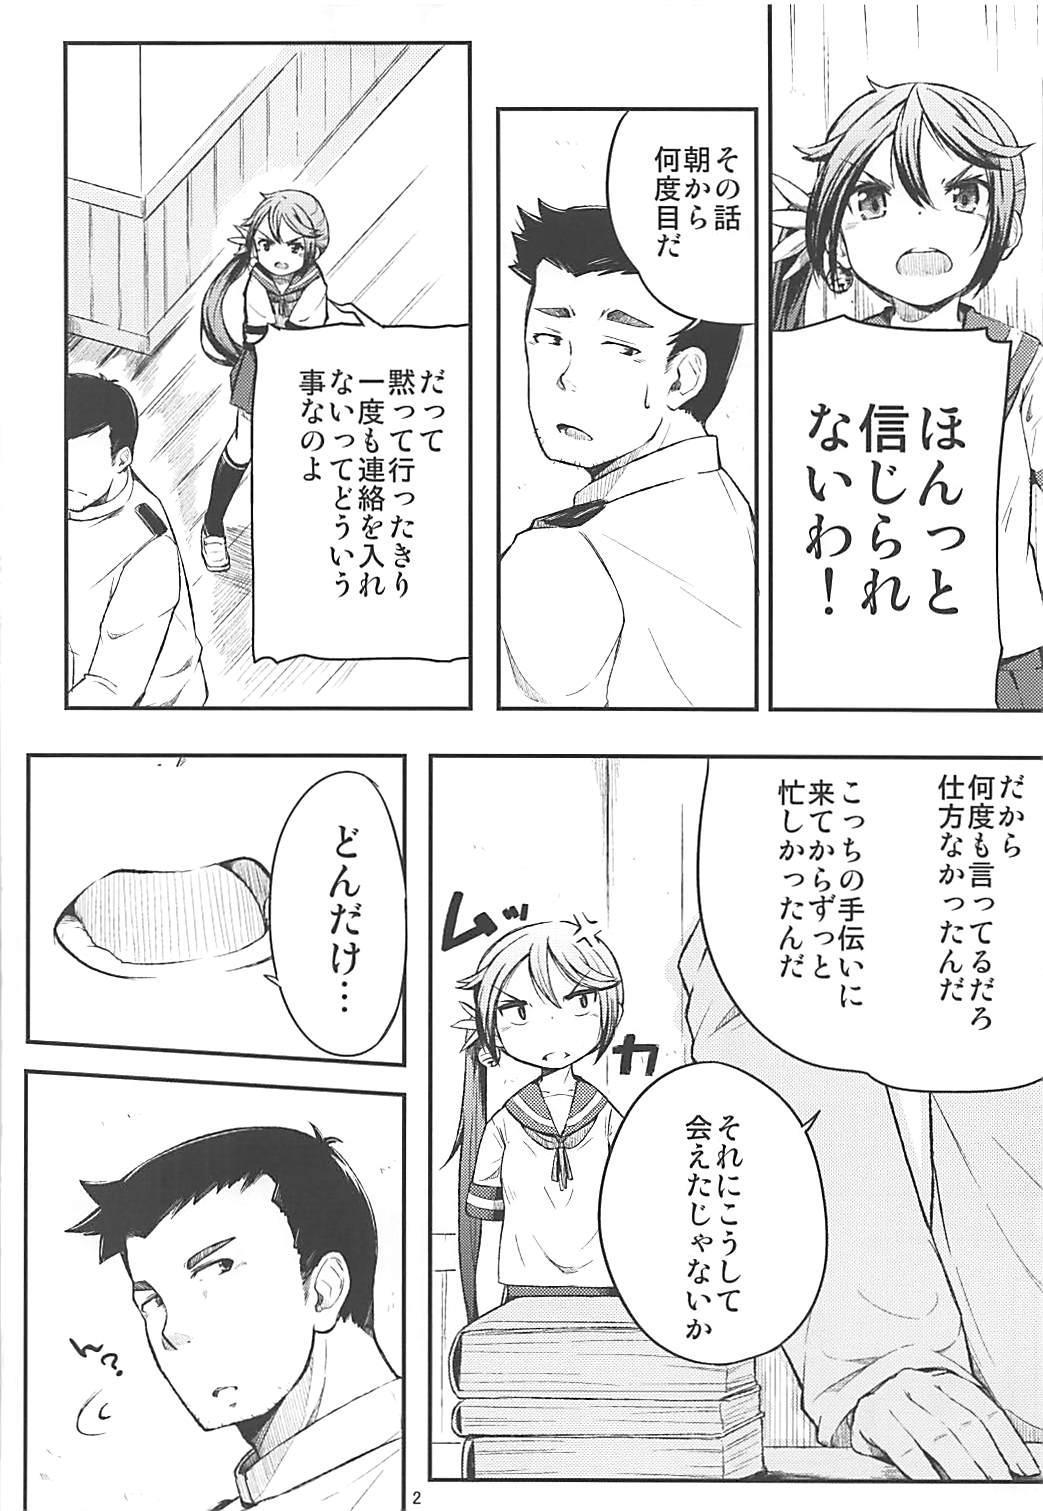 Watashi no Kuso Teitoku 2 2